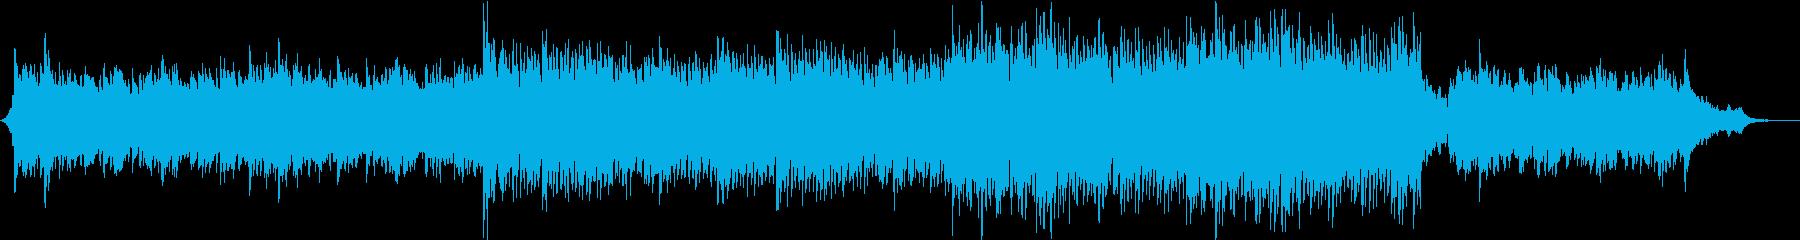 感動的なピアノ音楽トラック。の再生済みの波形